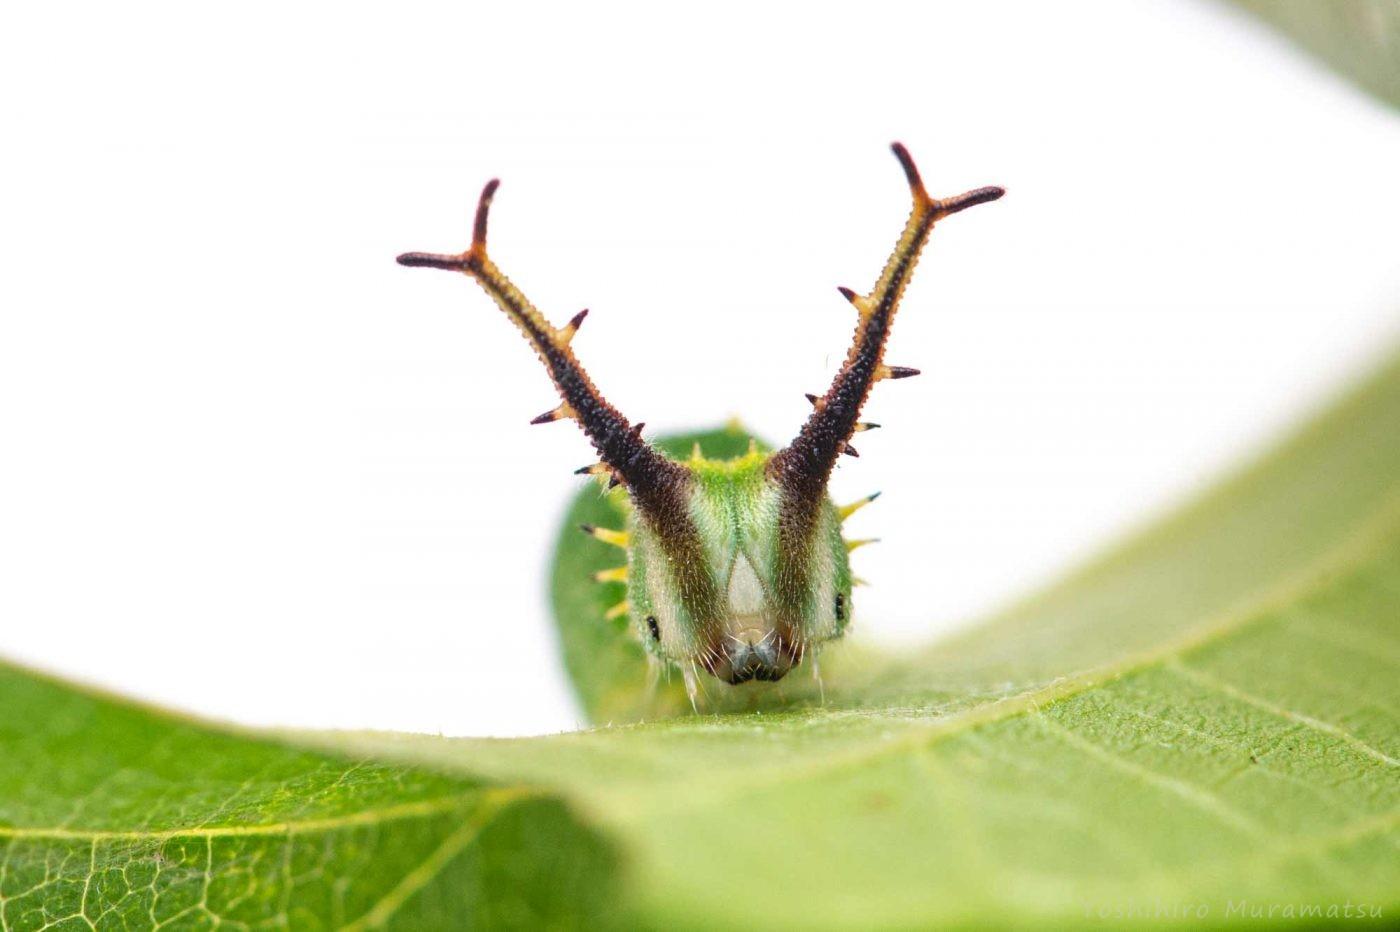 ゴマダラチョウの写真